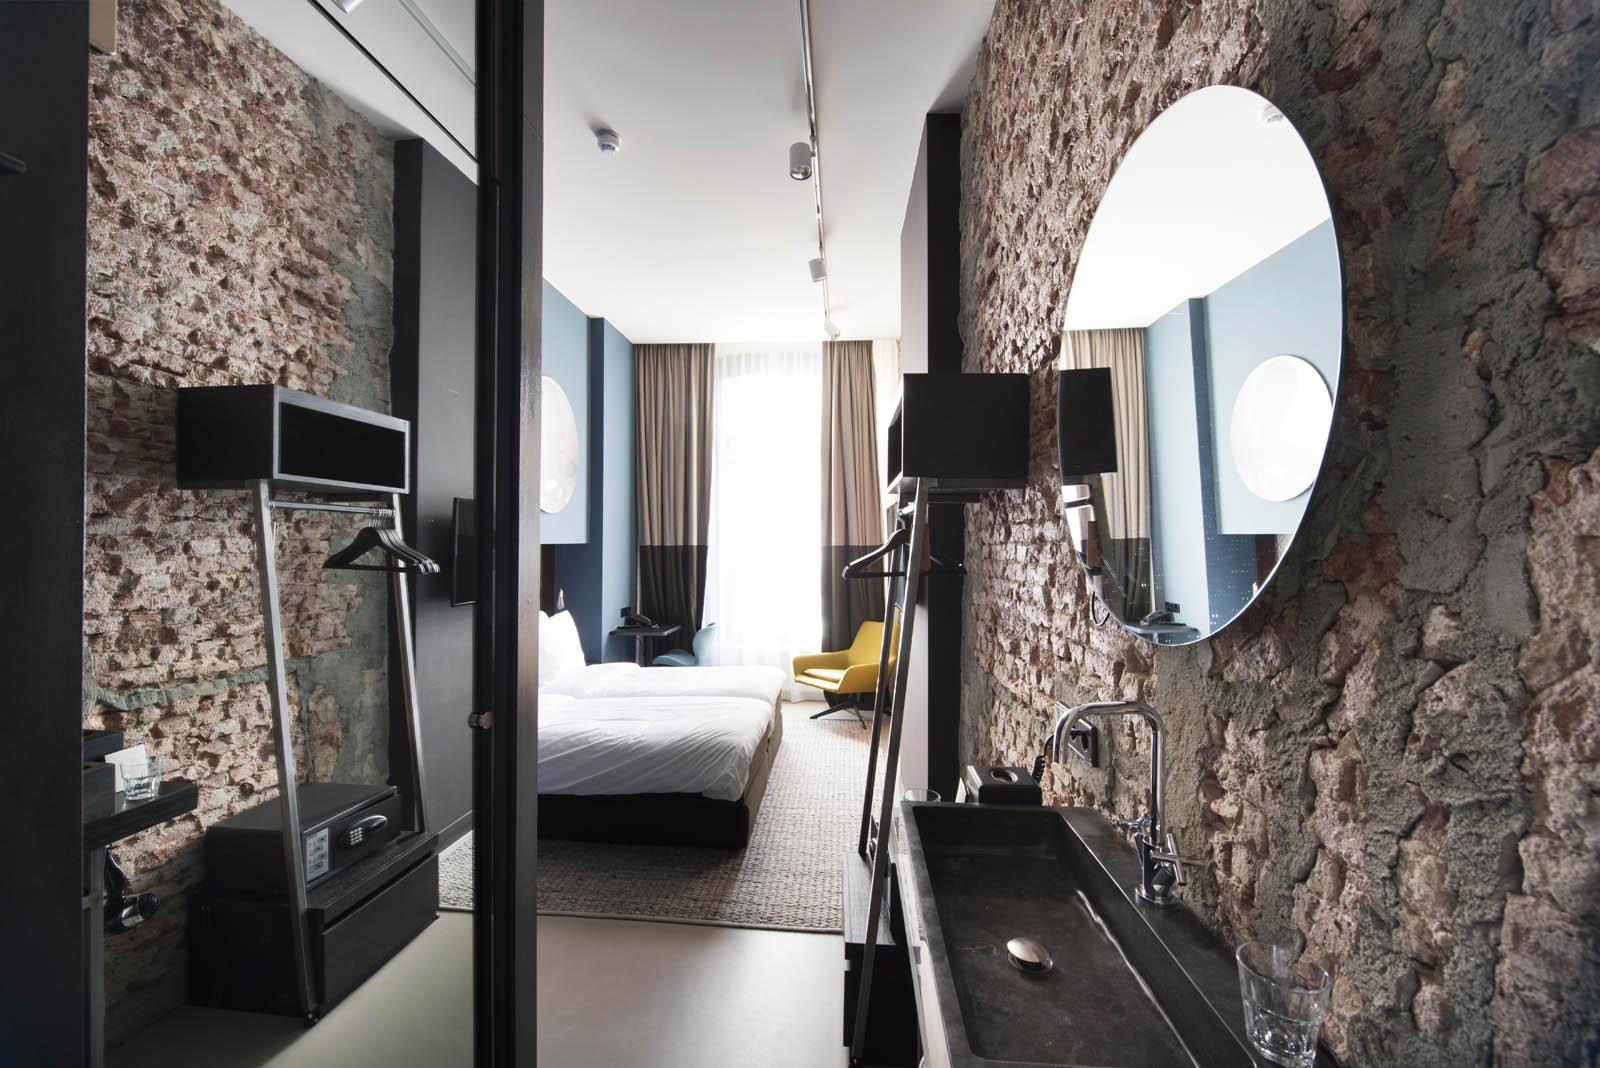 Hotel room, Piet hein hotel, by Jeroen de Nijs